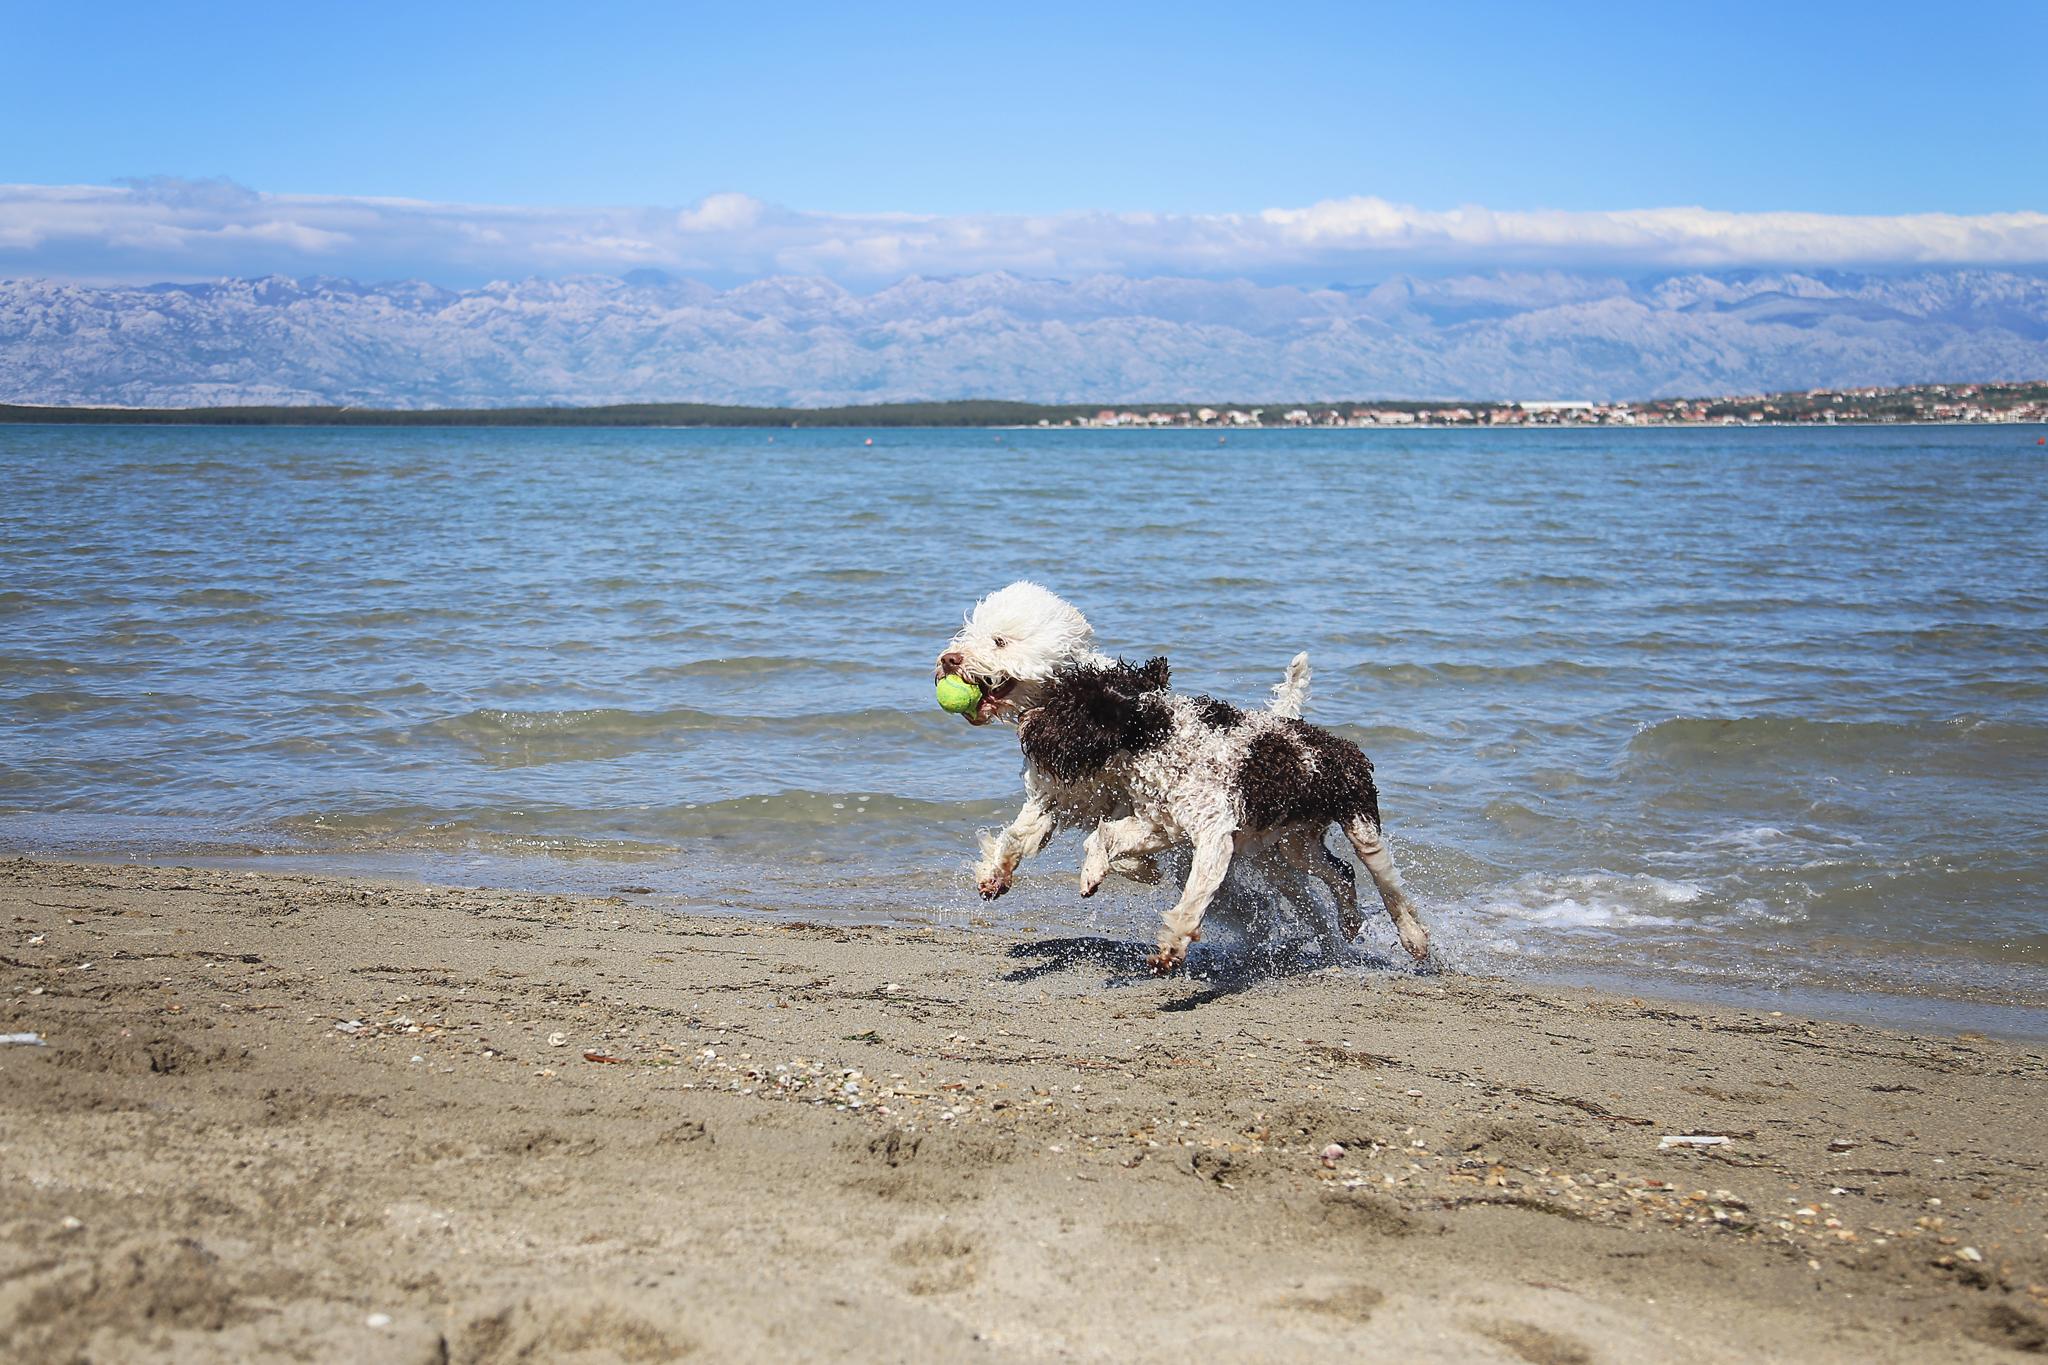 Italian waterdogs